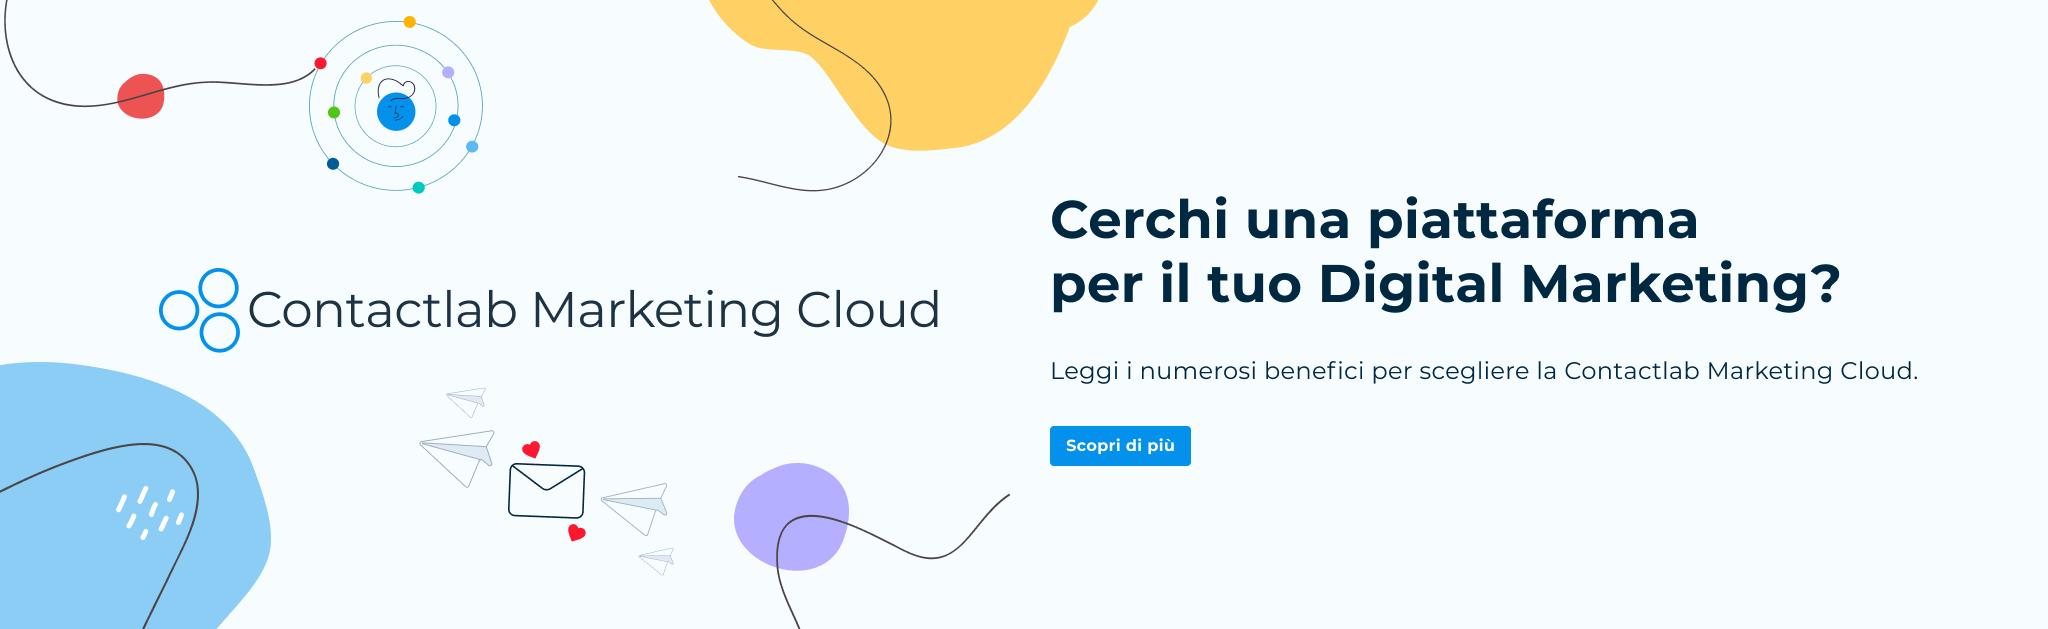 Perchè la Marketing Cloud di Contactlab